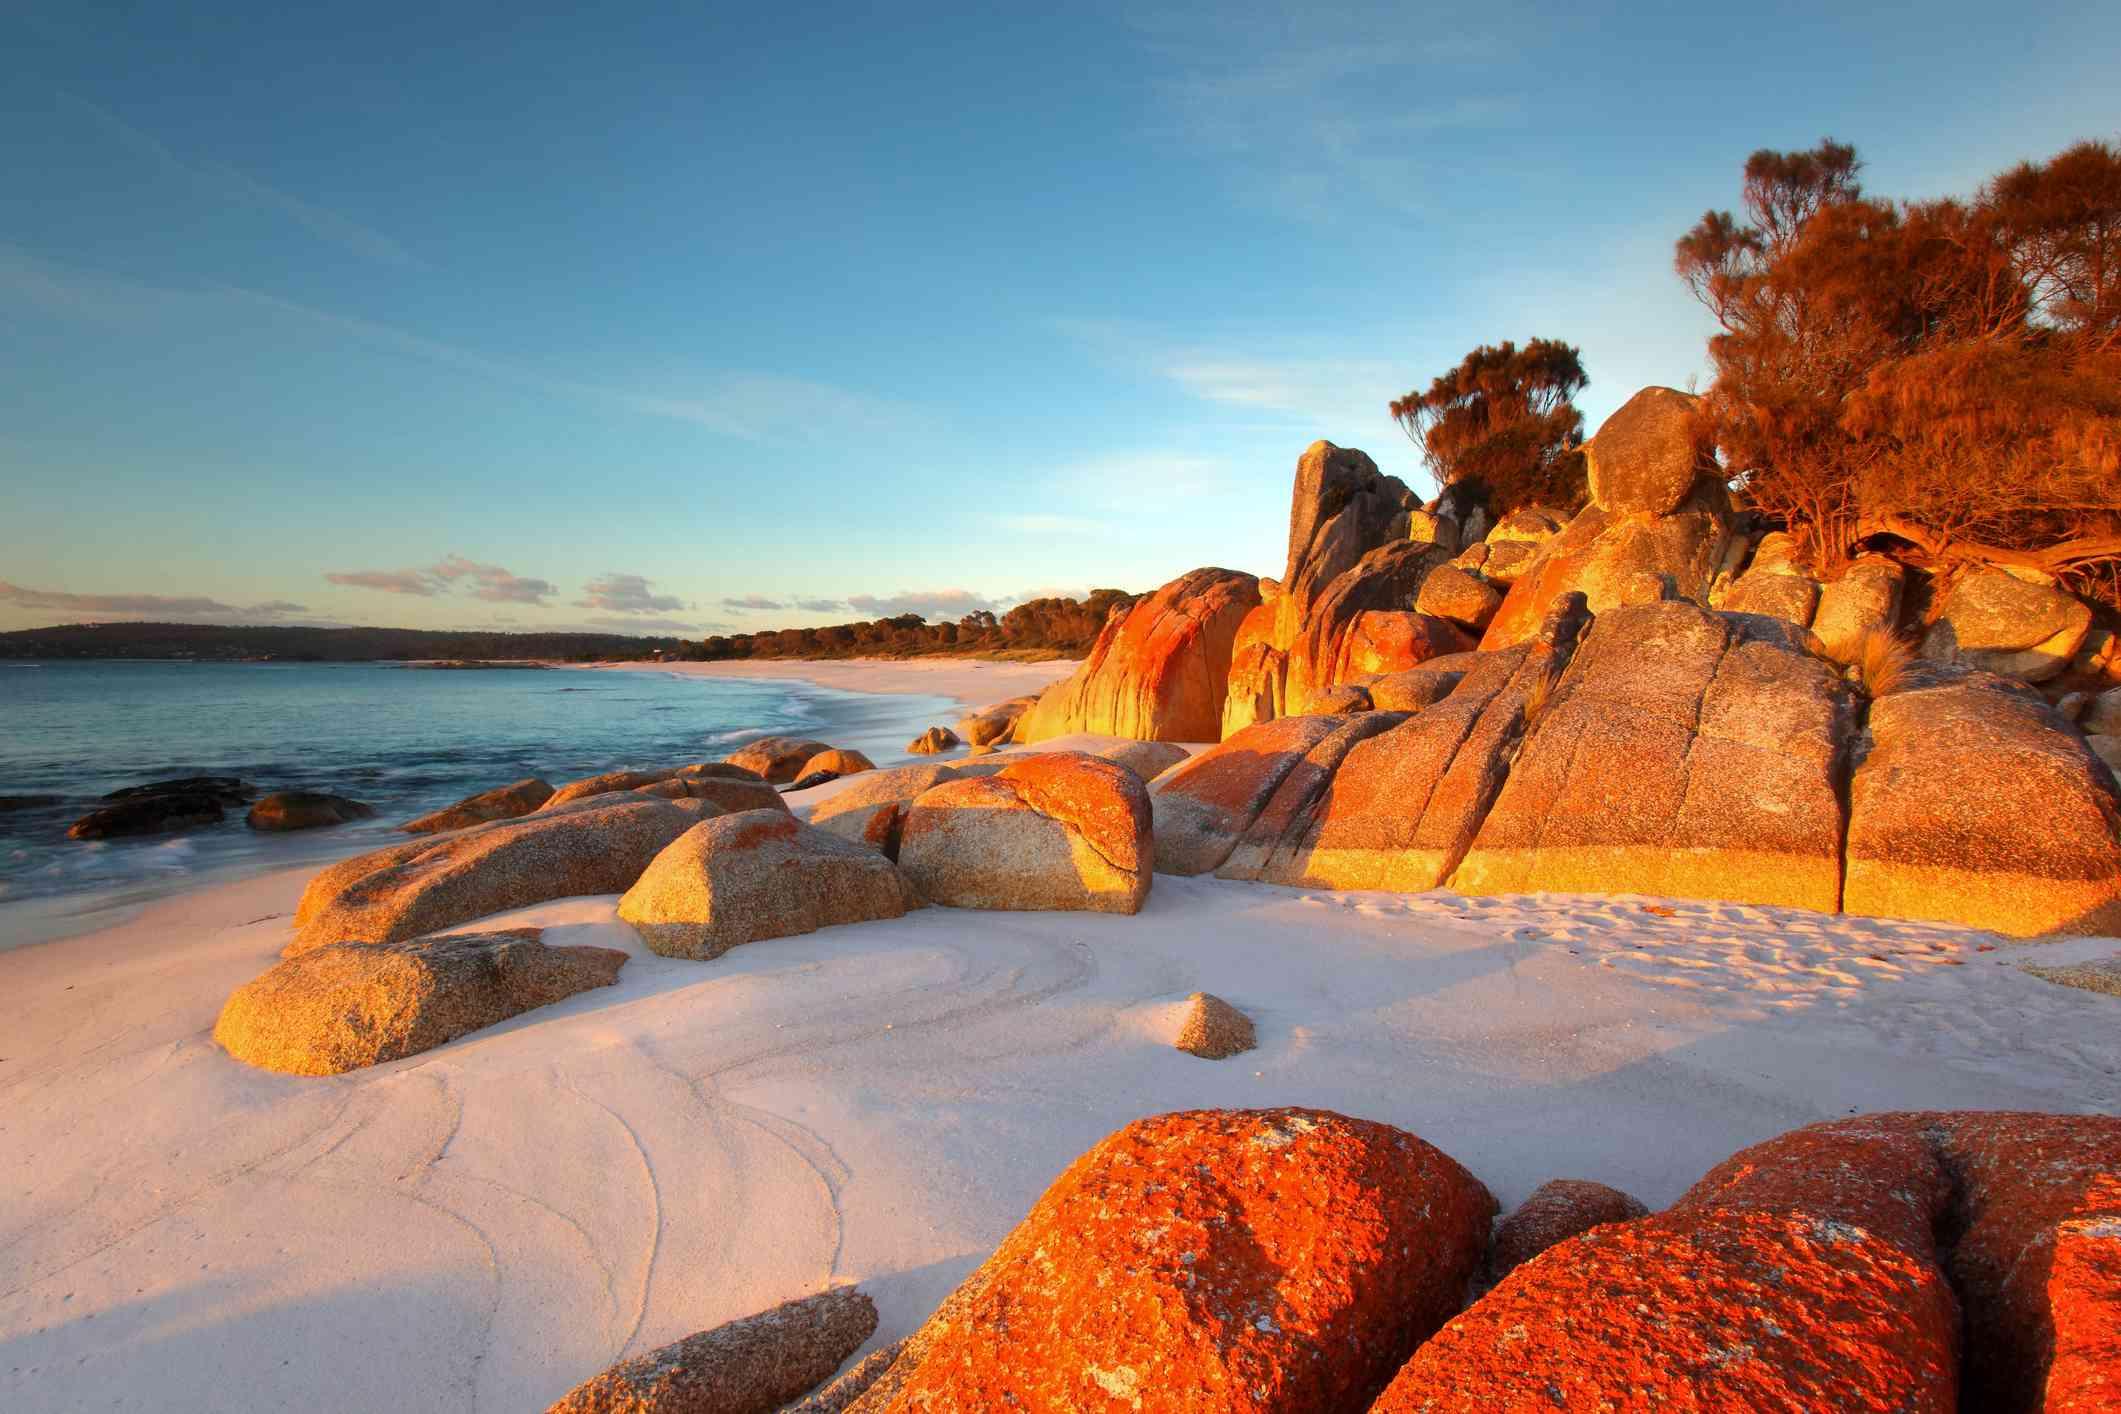 Red lichen on rocks, white sand beach